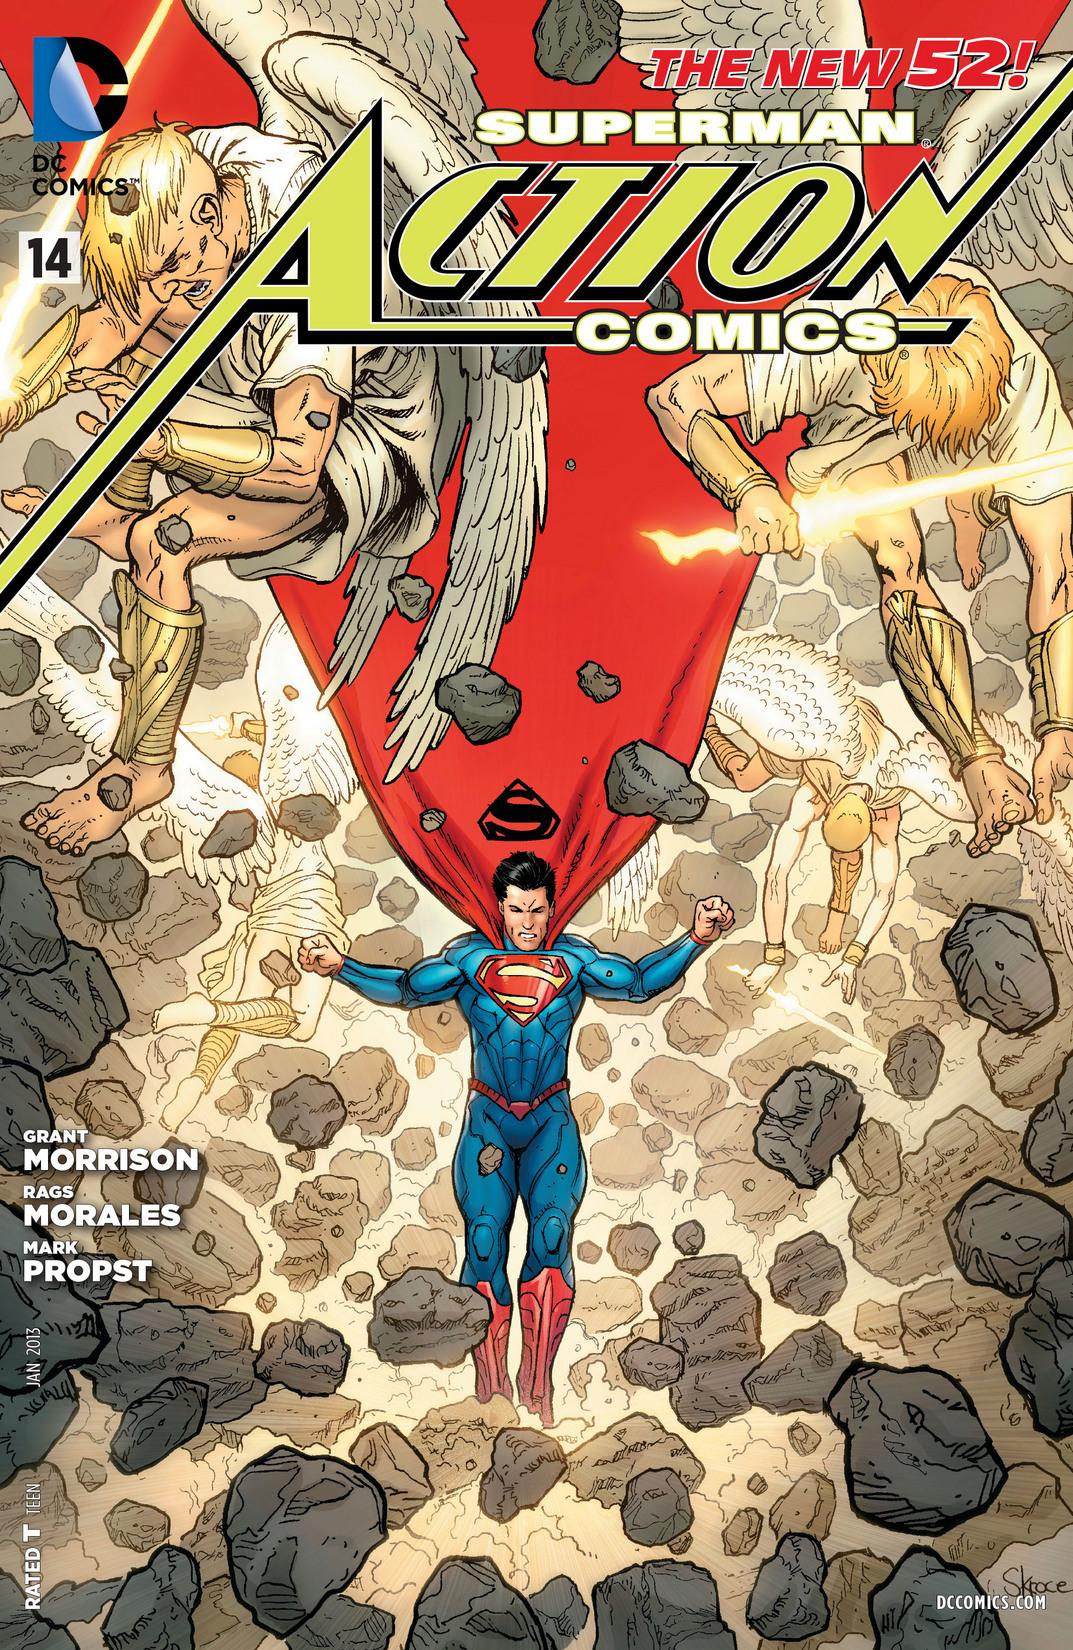 Action Comics Vol 2 14 Variant A.jpg